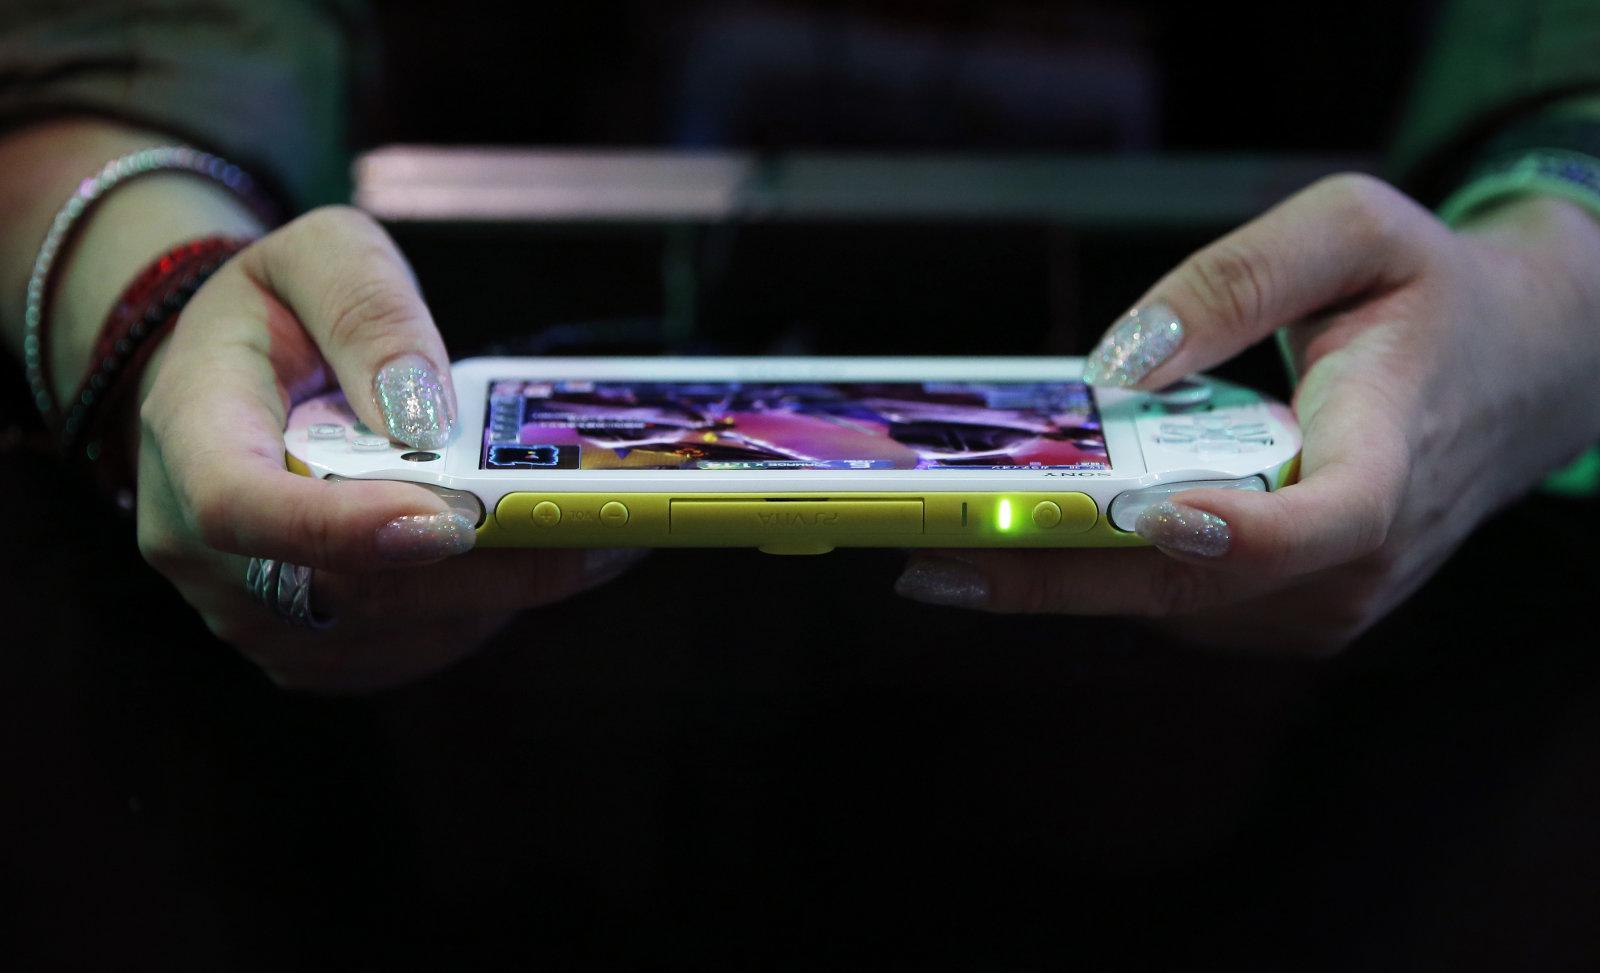 PSVita宣布停产 索尼官方并未计划推出新一代...